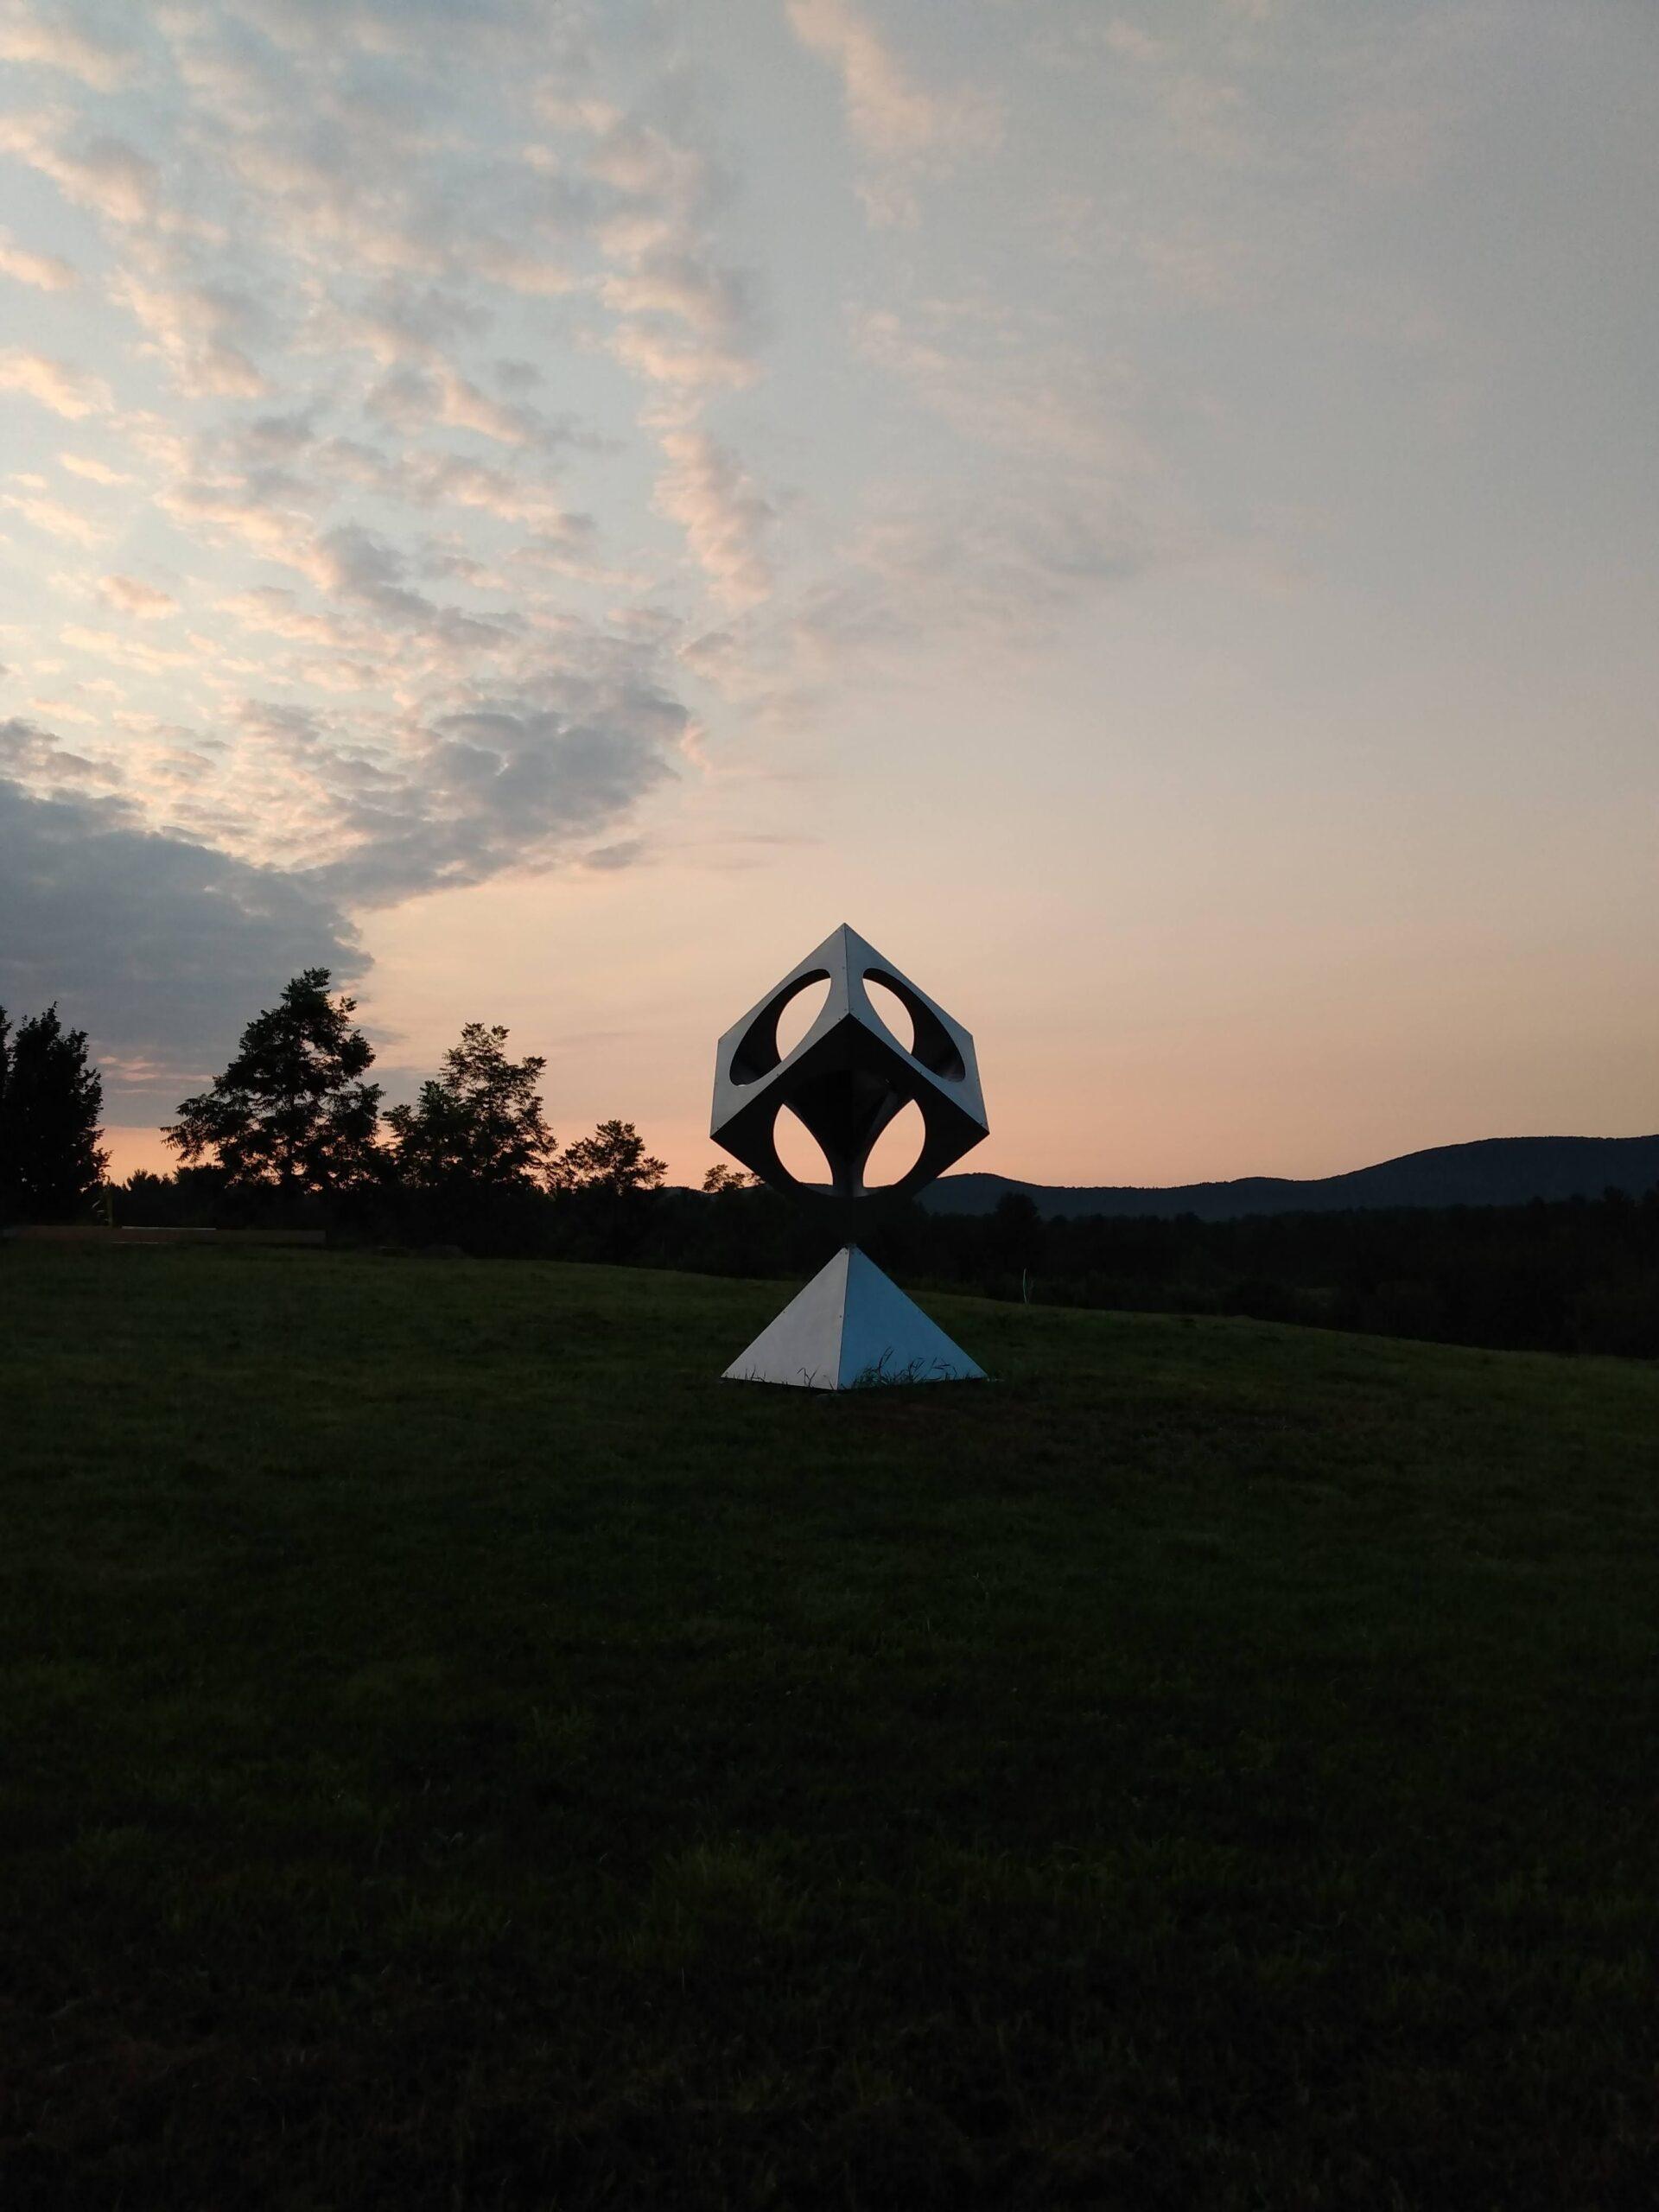 sculpture against sunrise